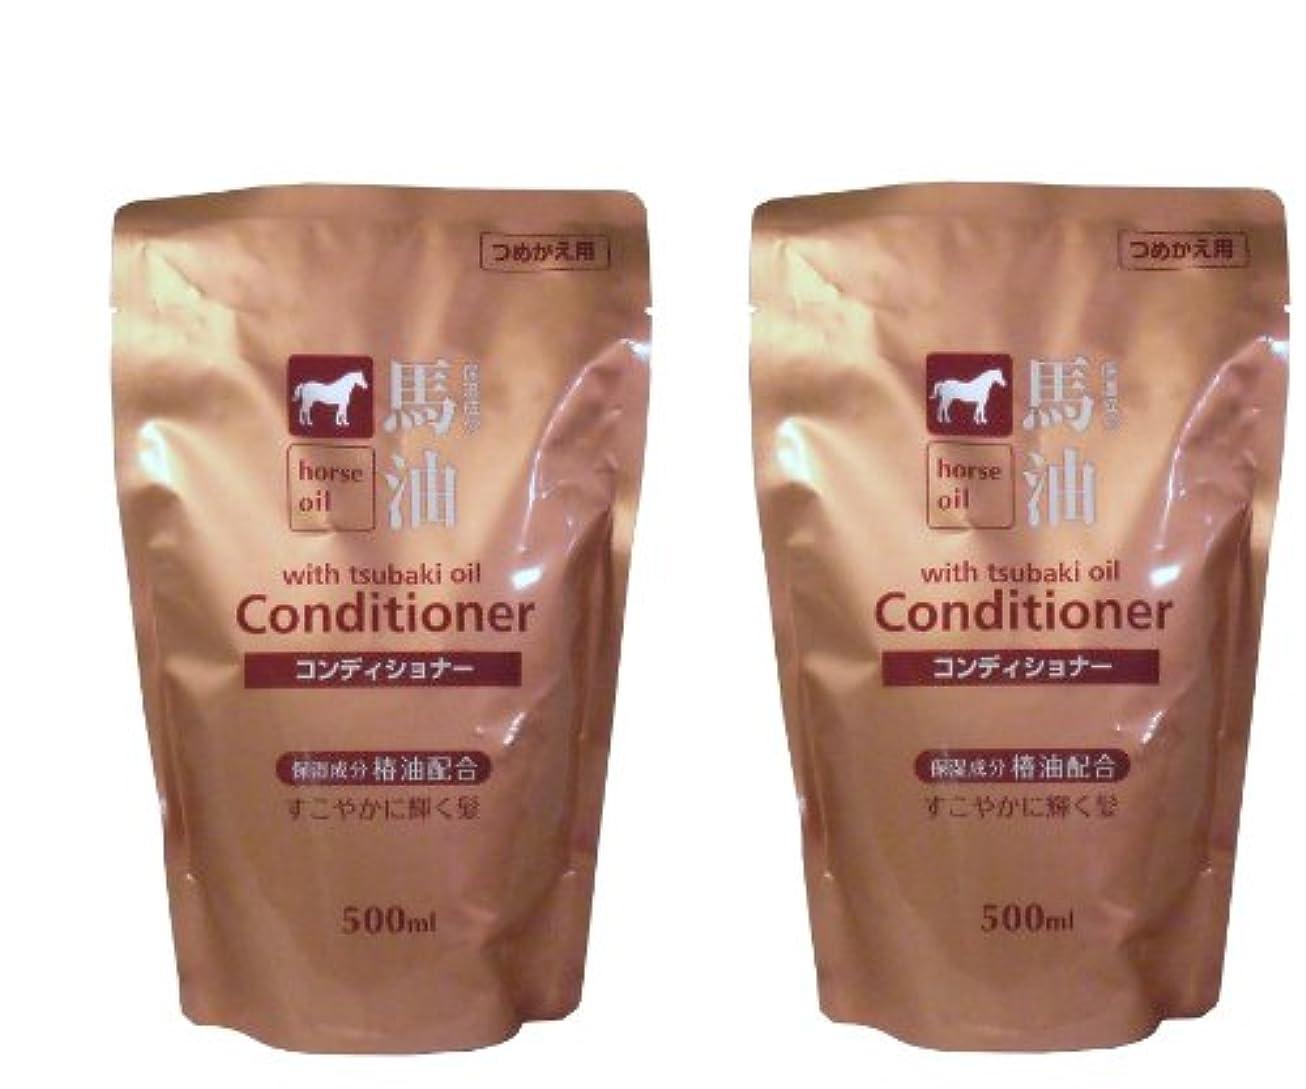 修士号ヘア型馬油コンディショナー 椿油配合 詰替え用 2個セット(各500mL)  【日本製】